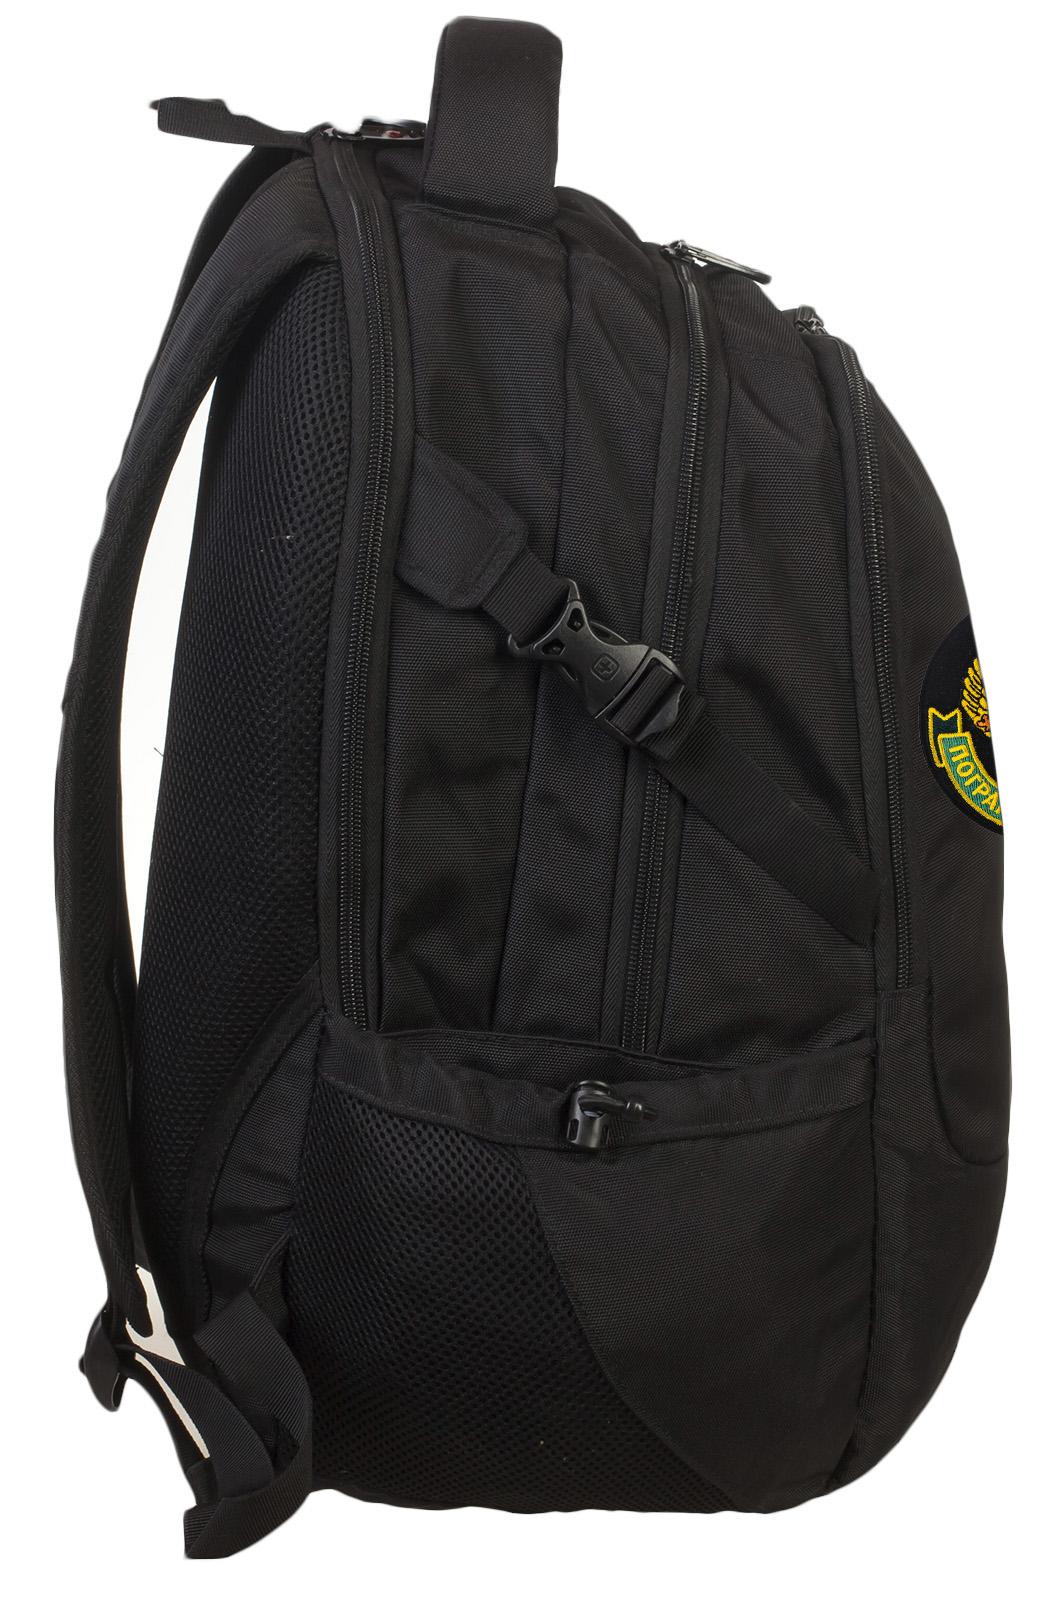 Эргономичный черный рюкзак с нашивкой Погранслужба -  купить выгодно